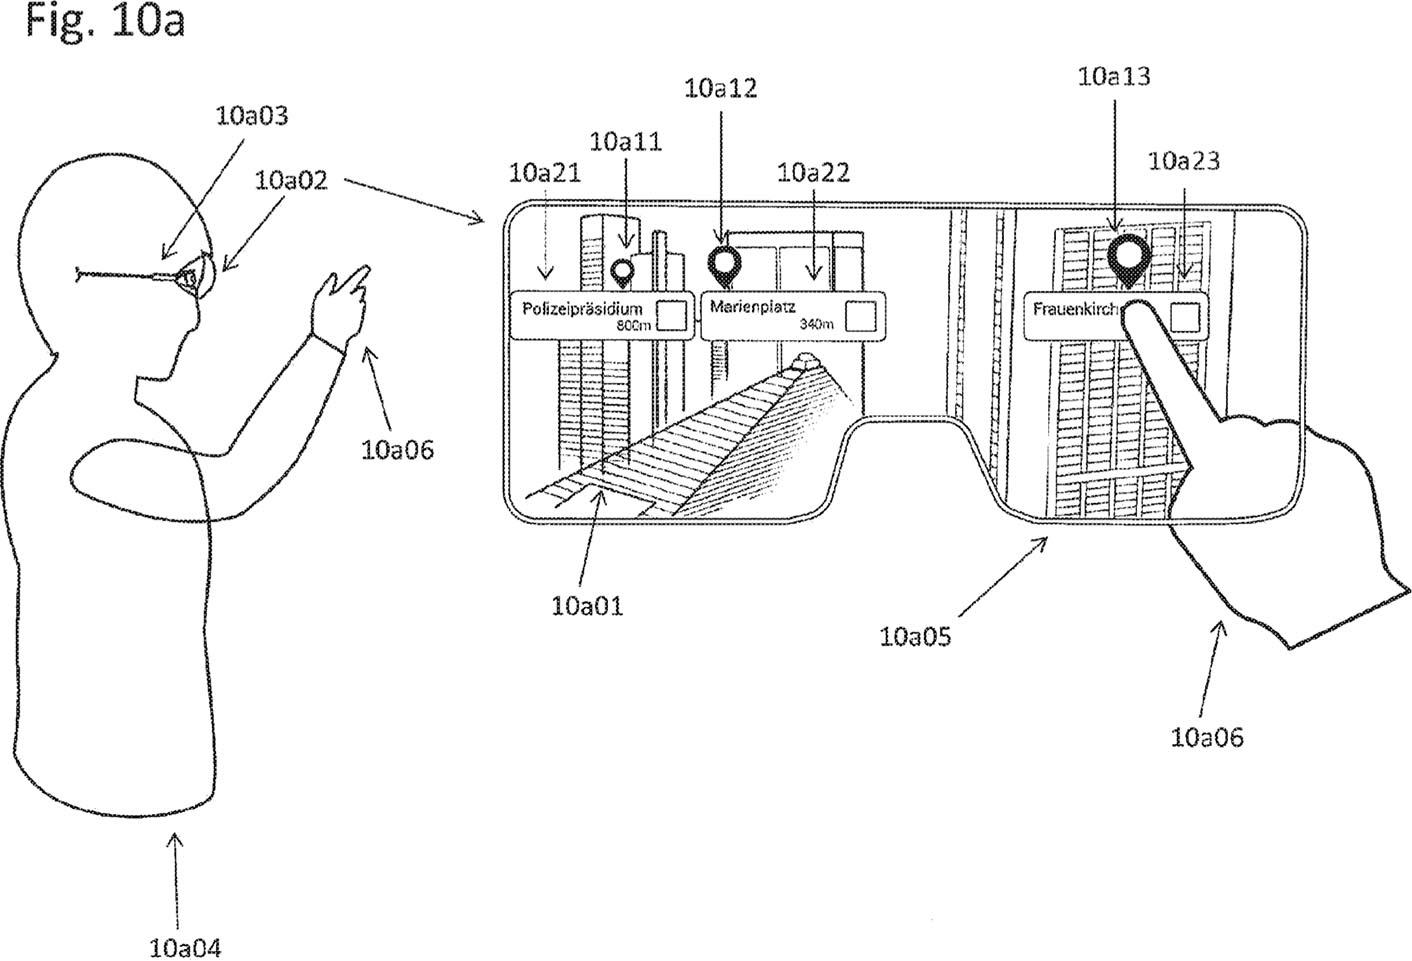 Lunettes connectées Apple brevet